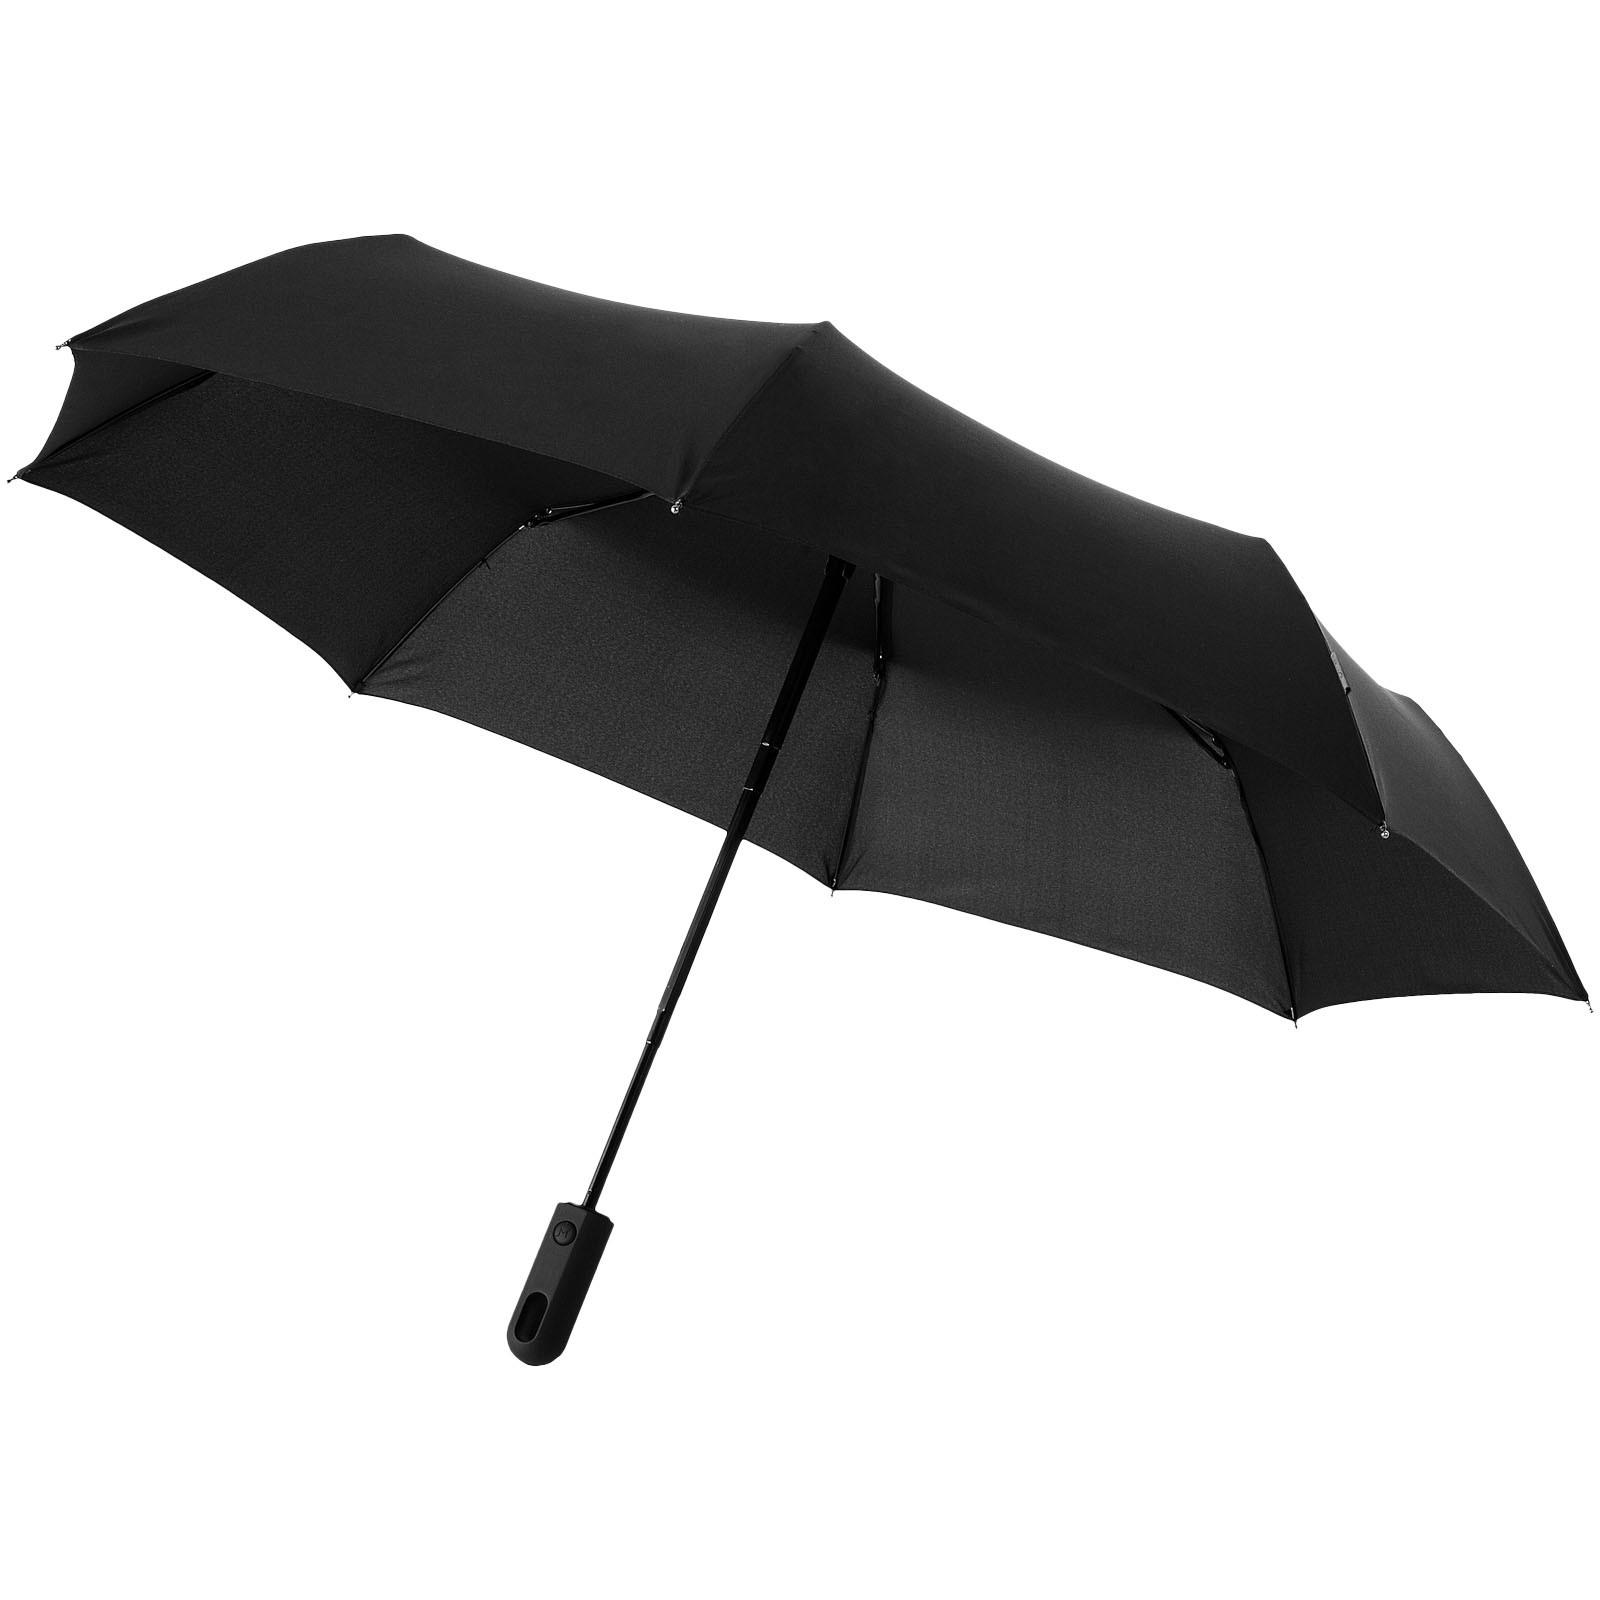 """21,5"""" skládací deštník Traveller s automatickým rozevíráním/skládáním - Černá"""